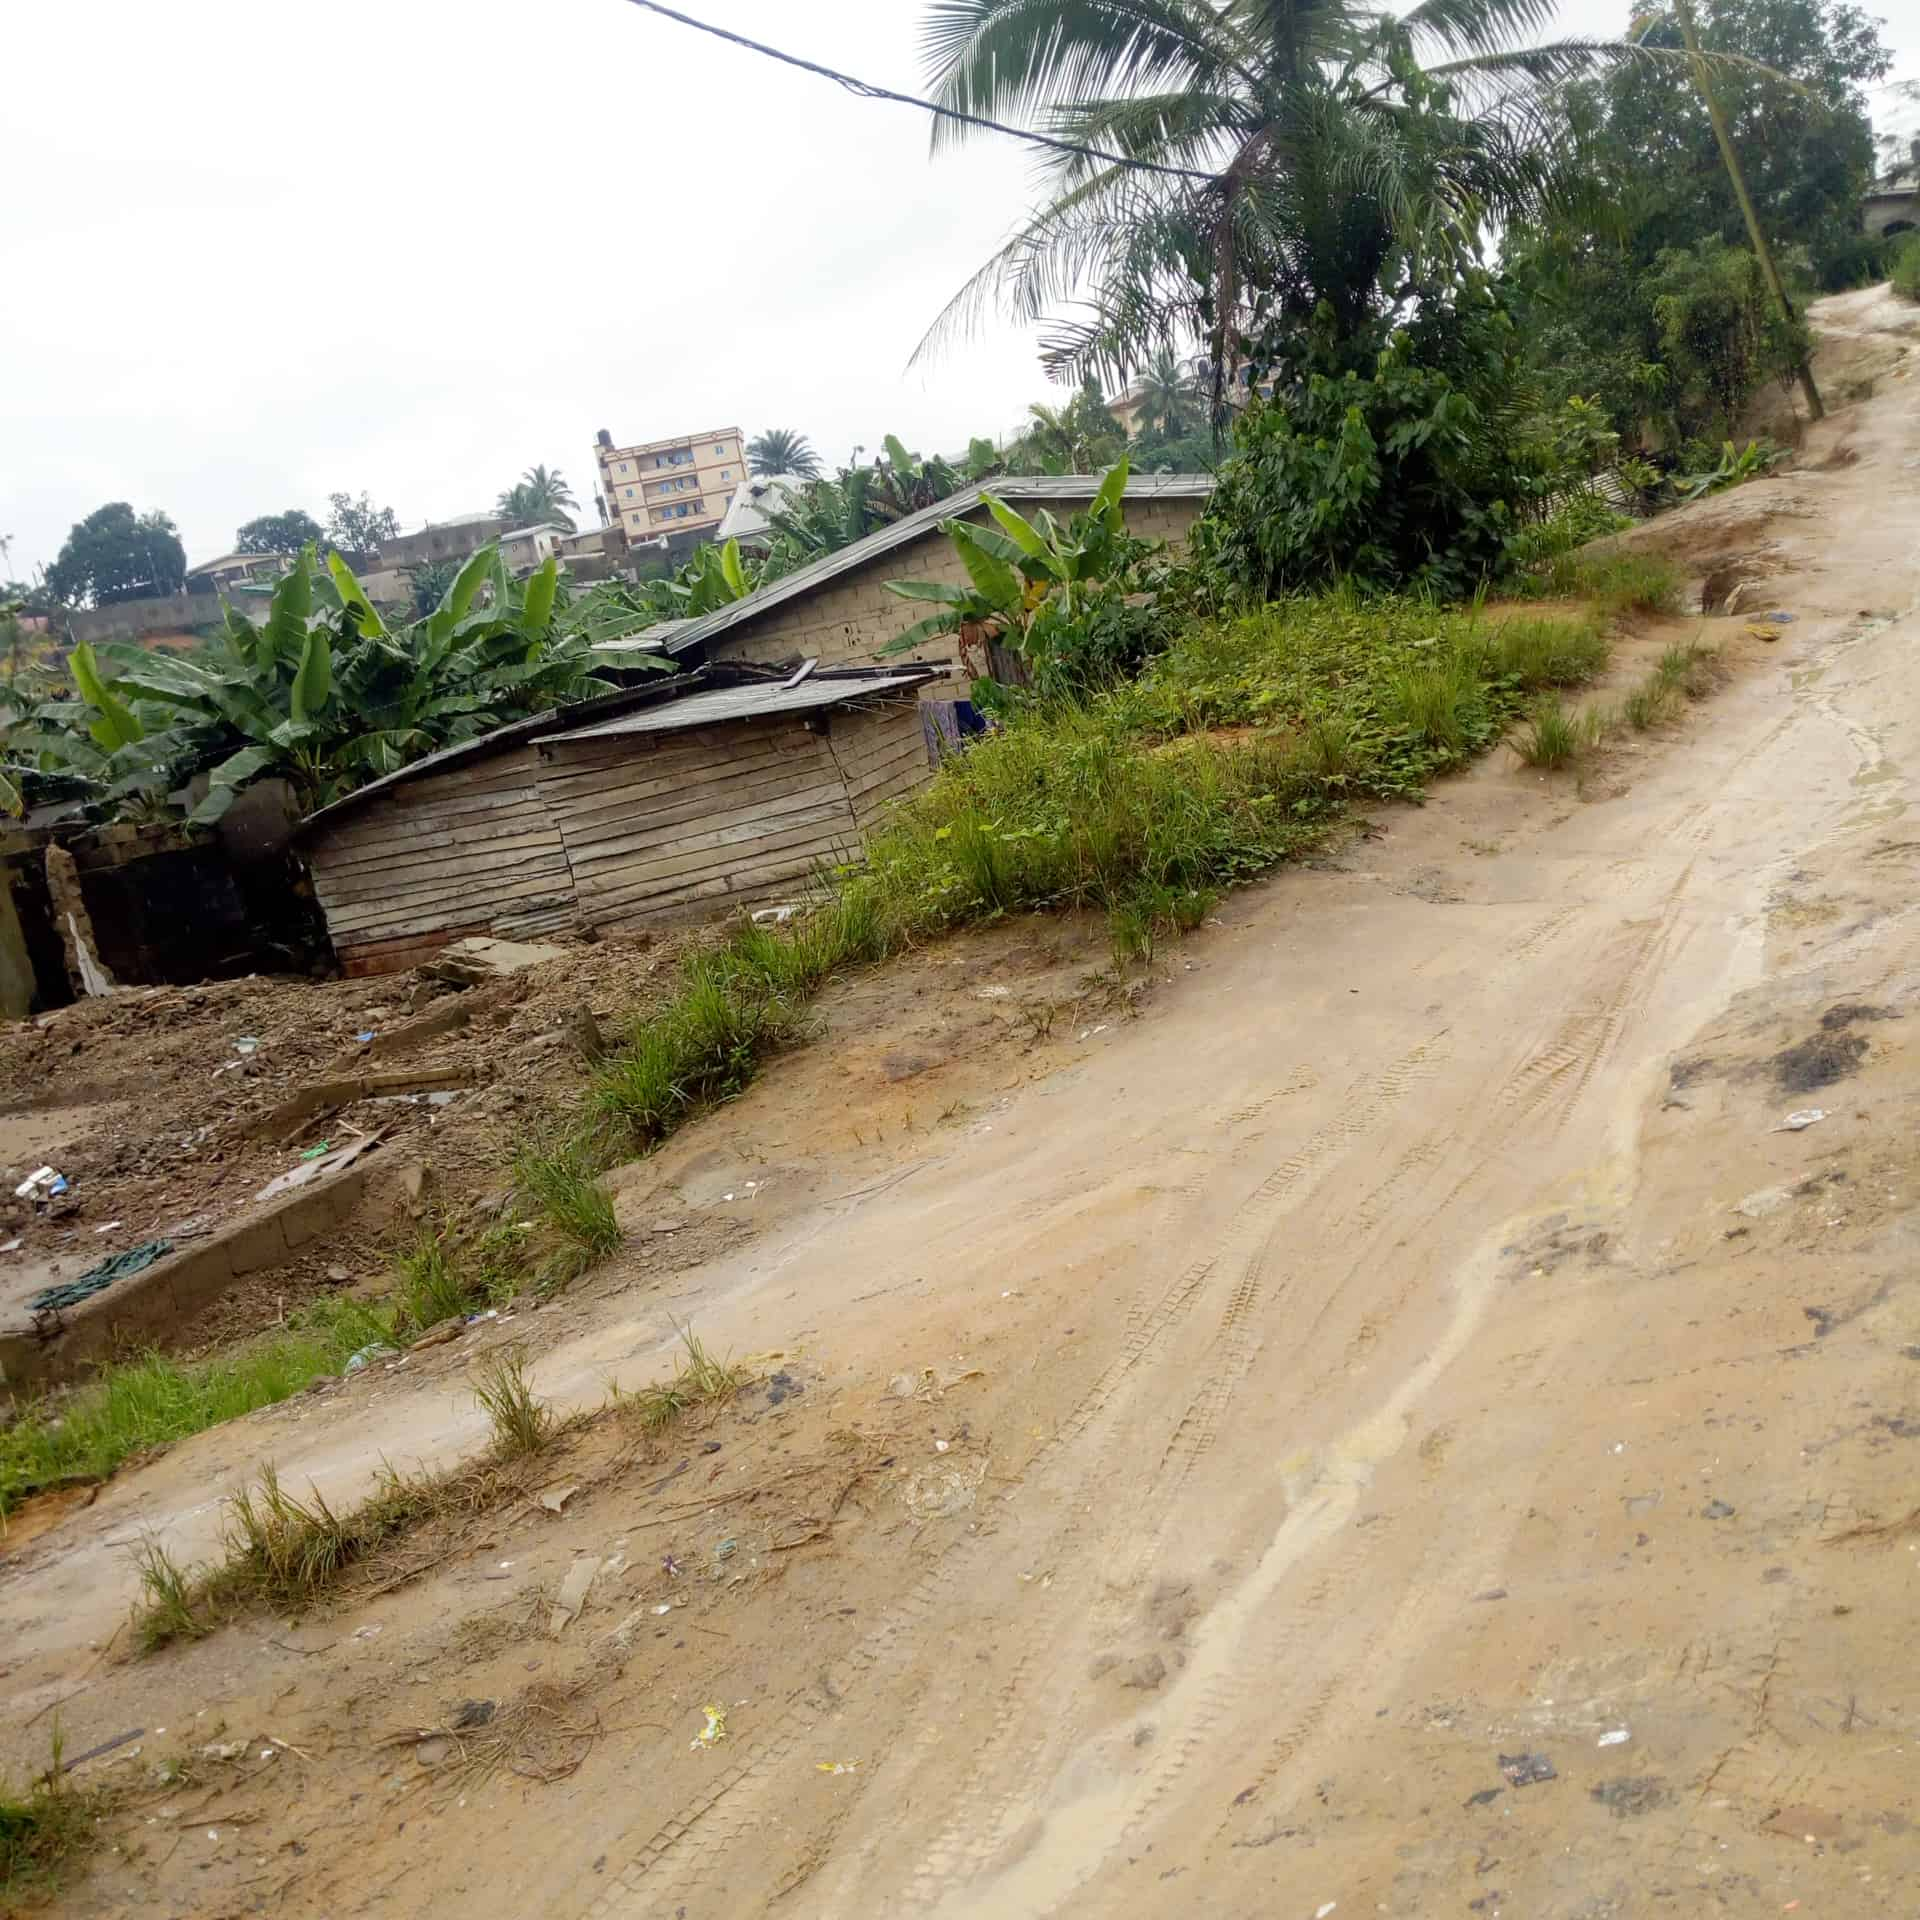 Land for sale at Douala, Bonamoussadi, Baobab bangue - 327 m2 - 14 000 000 FCFA